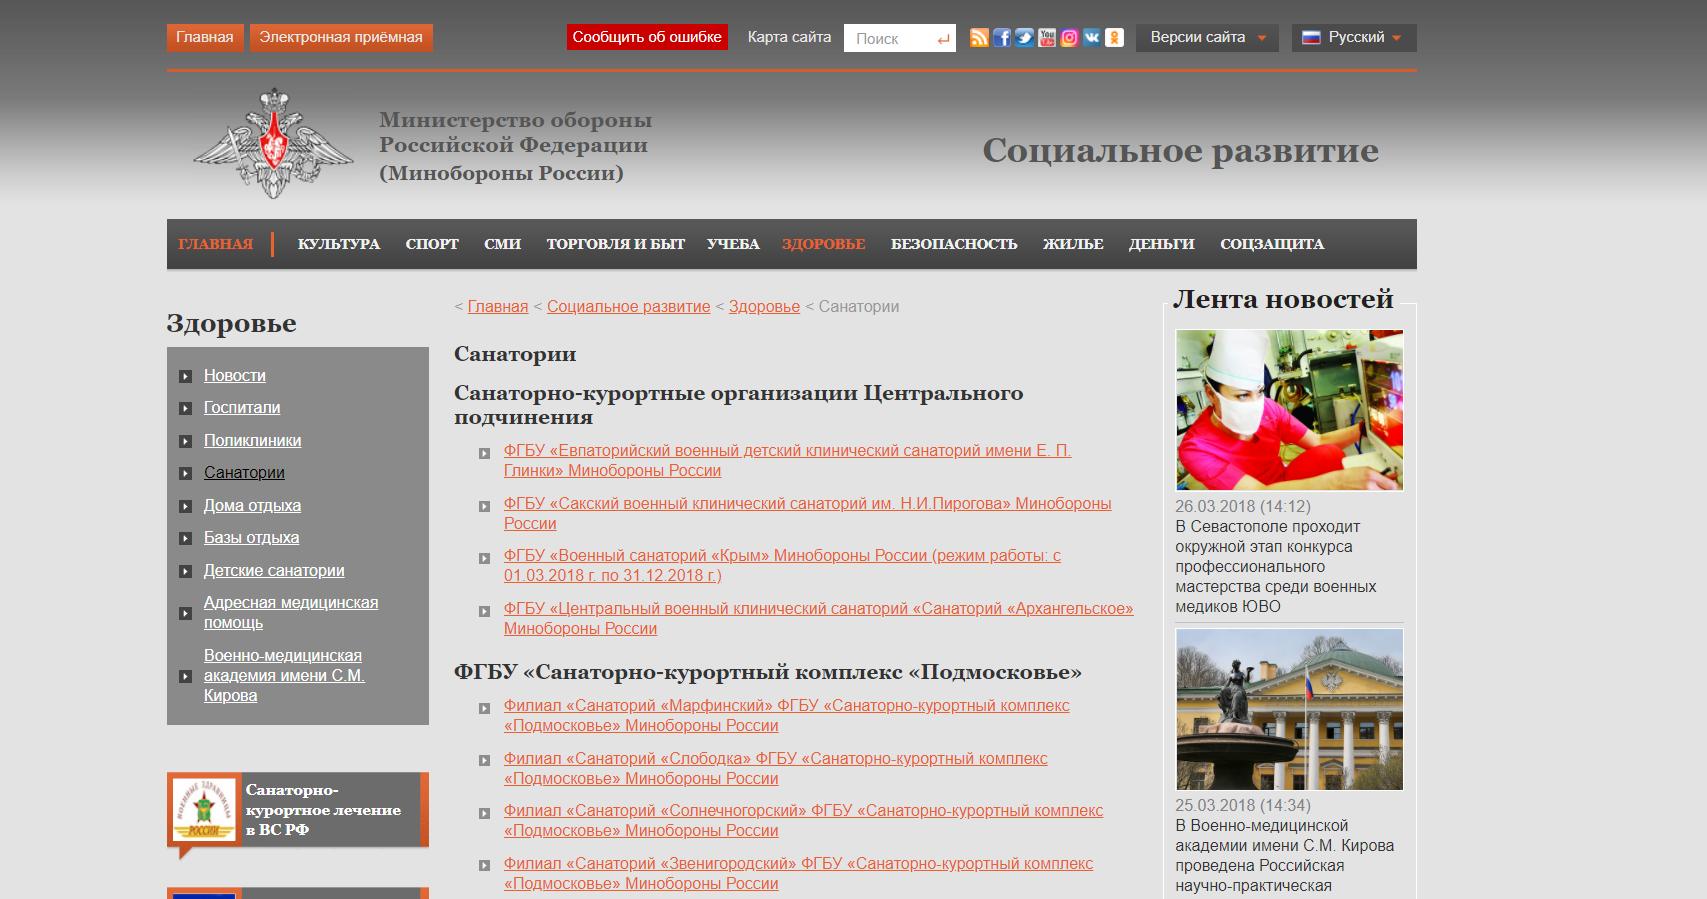 Санатории министерства обороны можно найти на официальном сайте